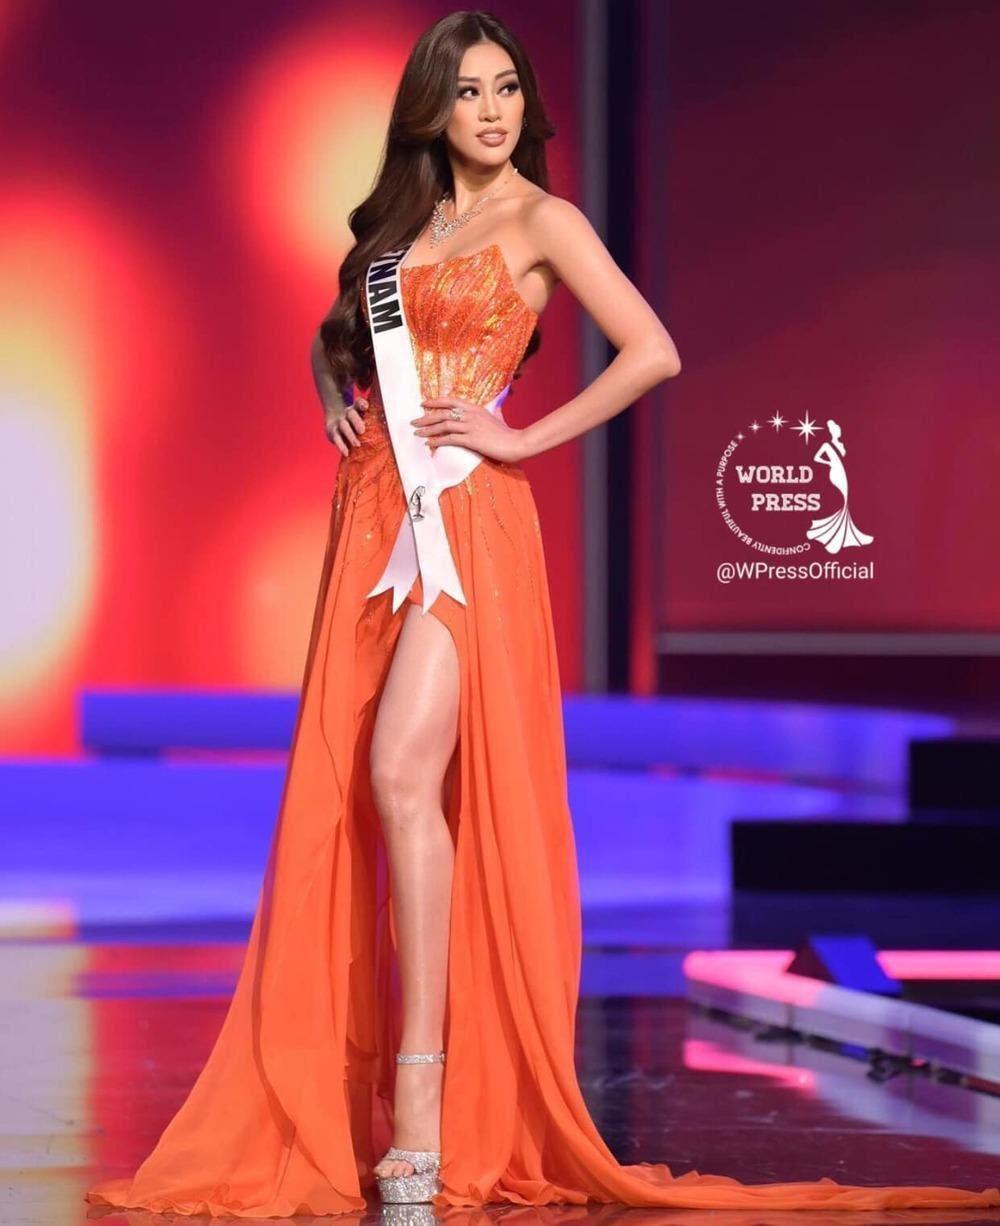 Khánh Vân nhận được 'cơn mưa' lời khen sau Đêm Bán kết Miss Universe 2020 Ảnh 1